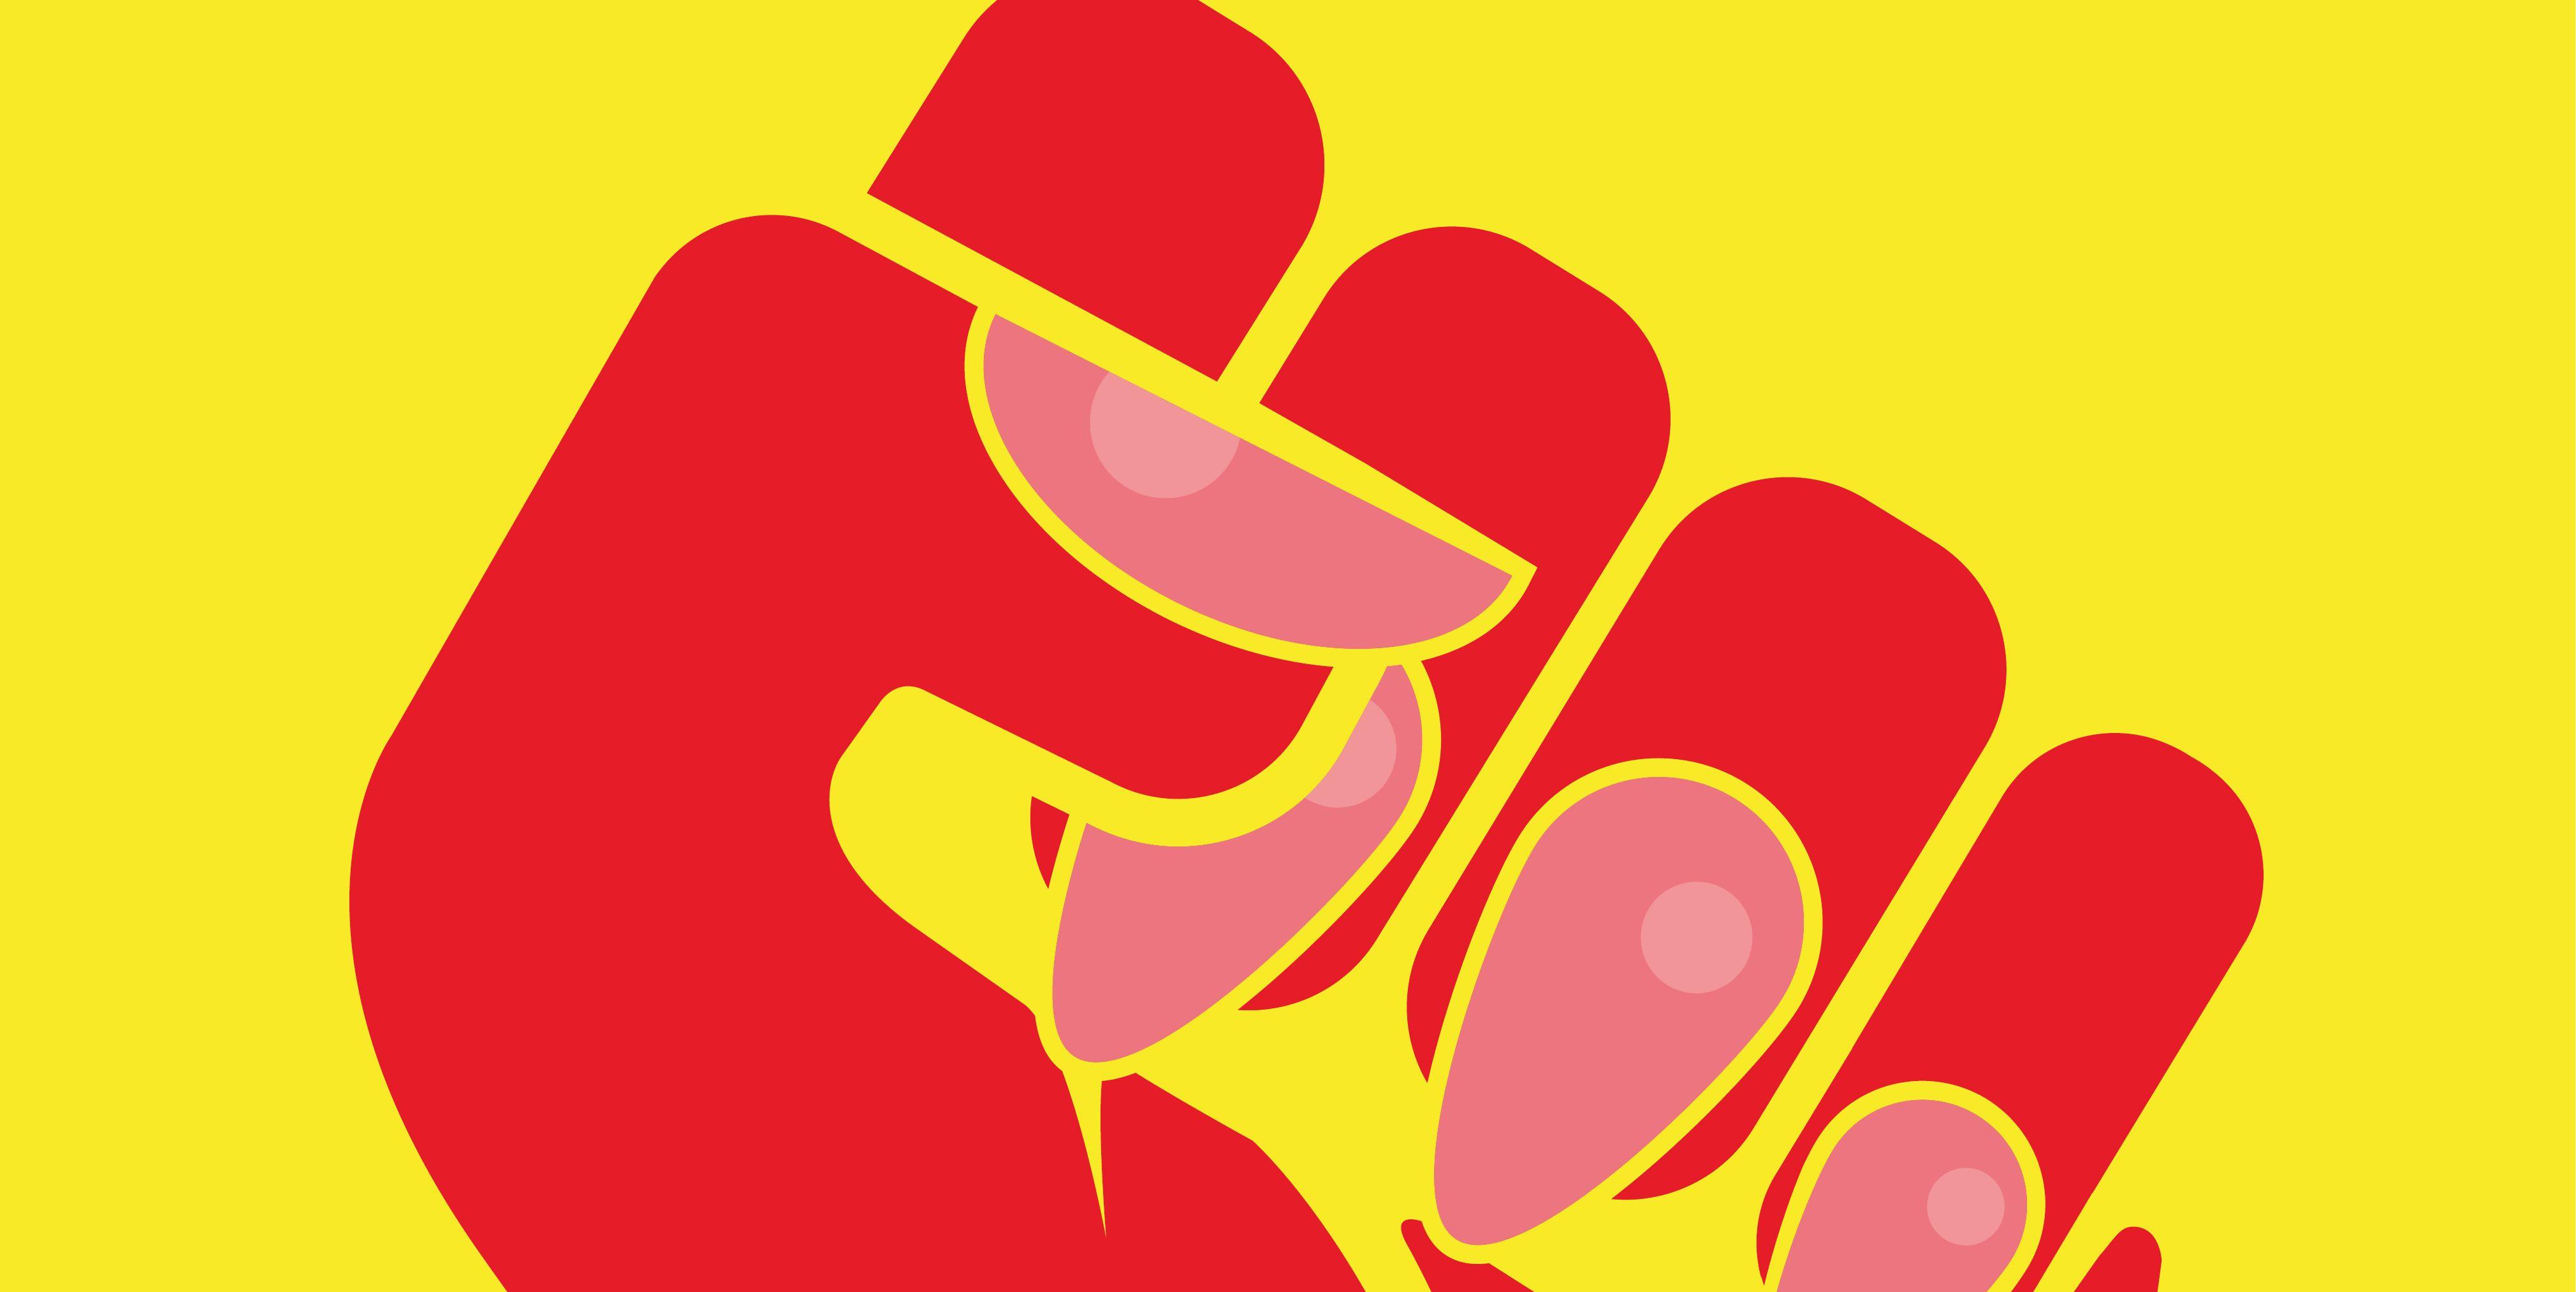 intersectioneel-feminisme-feminist-emancipatie